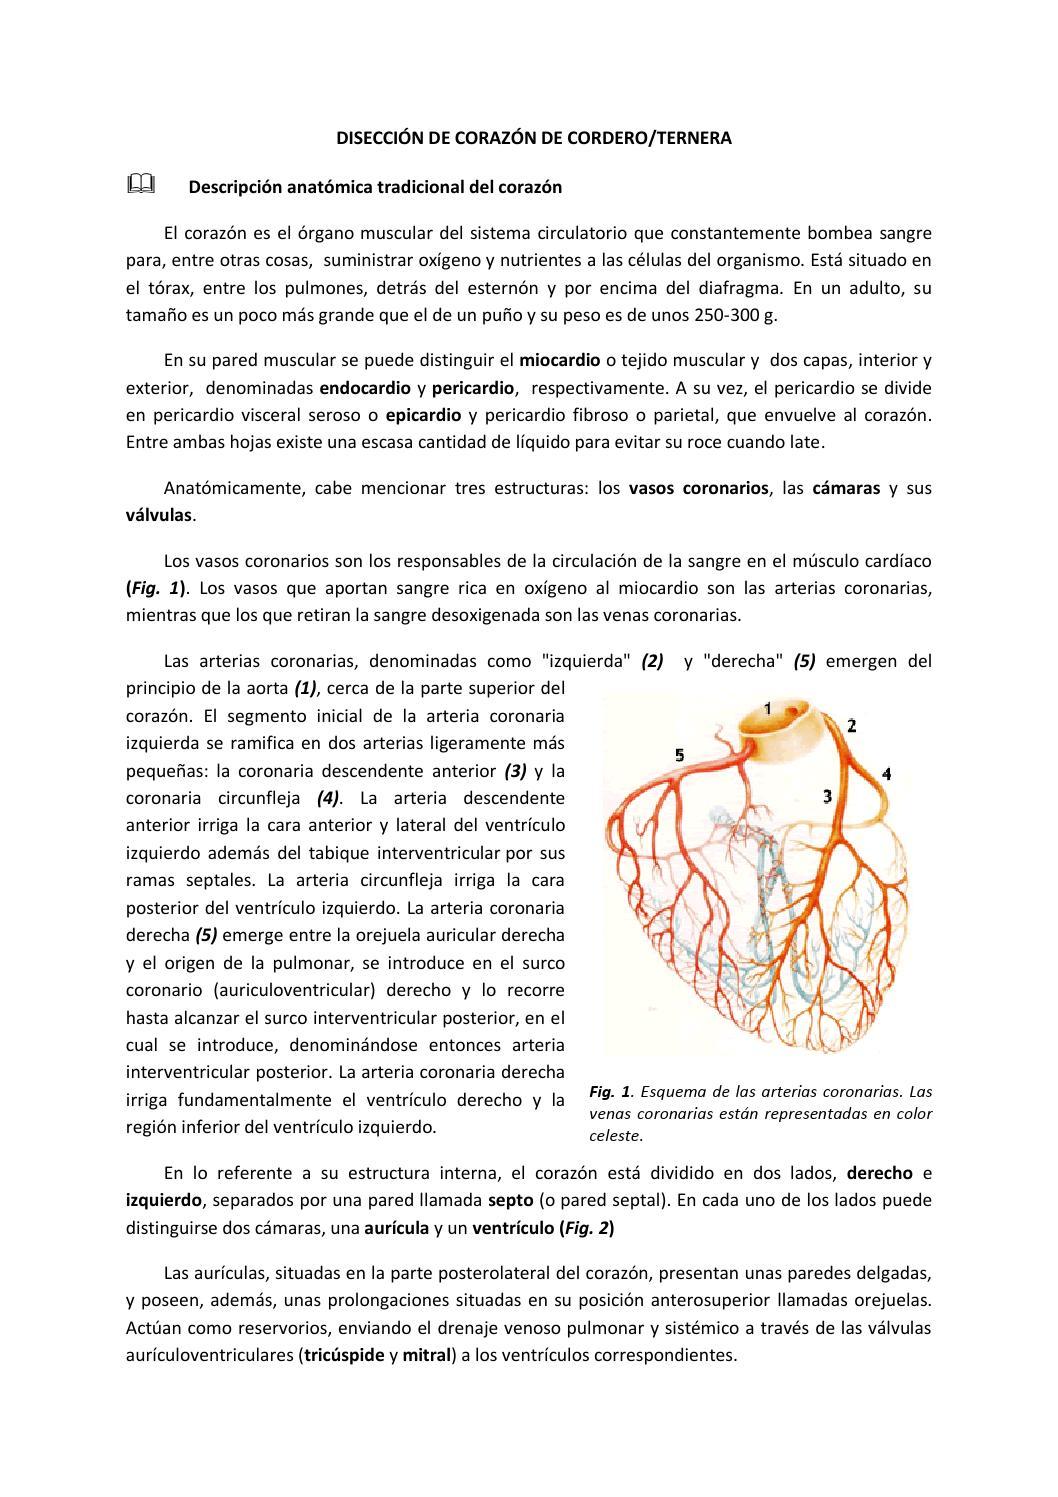 Disección de corazón de cordero ternera by BioGeo L\'Eliana - issuu